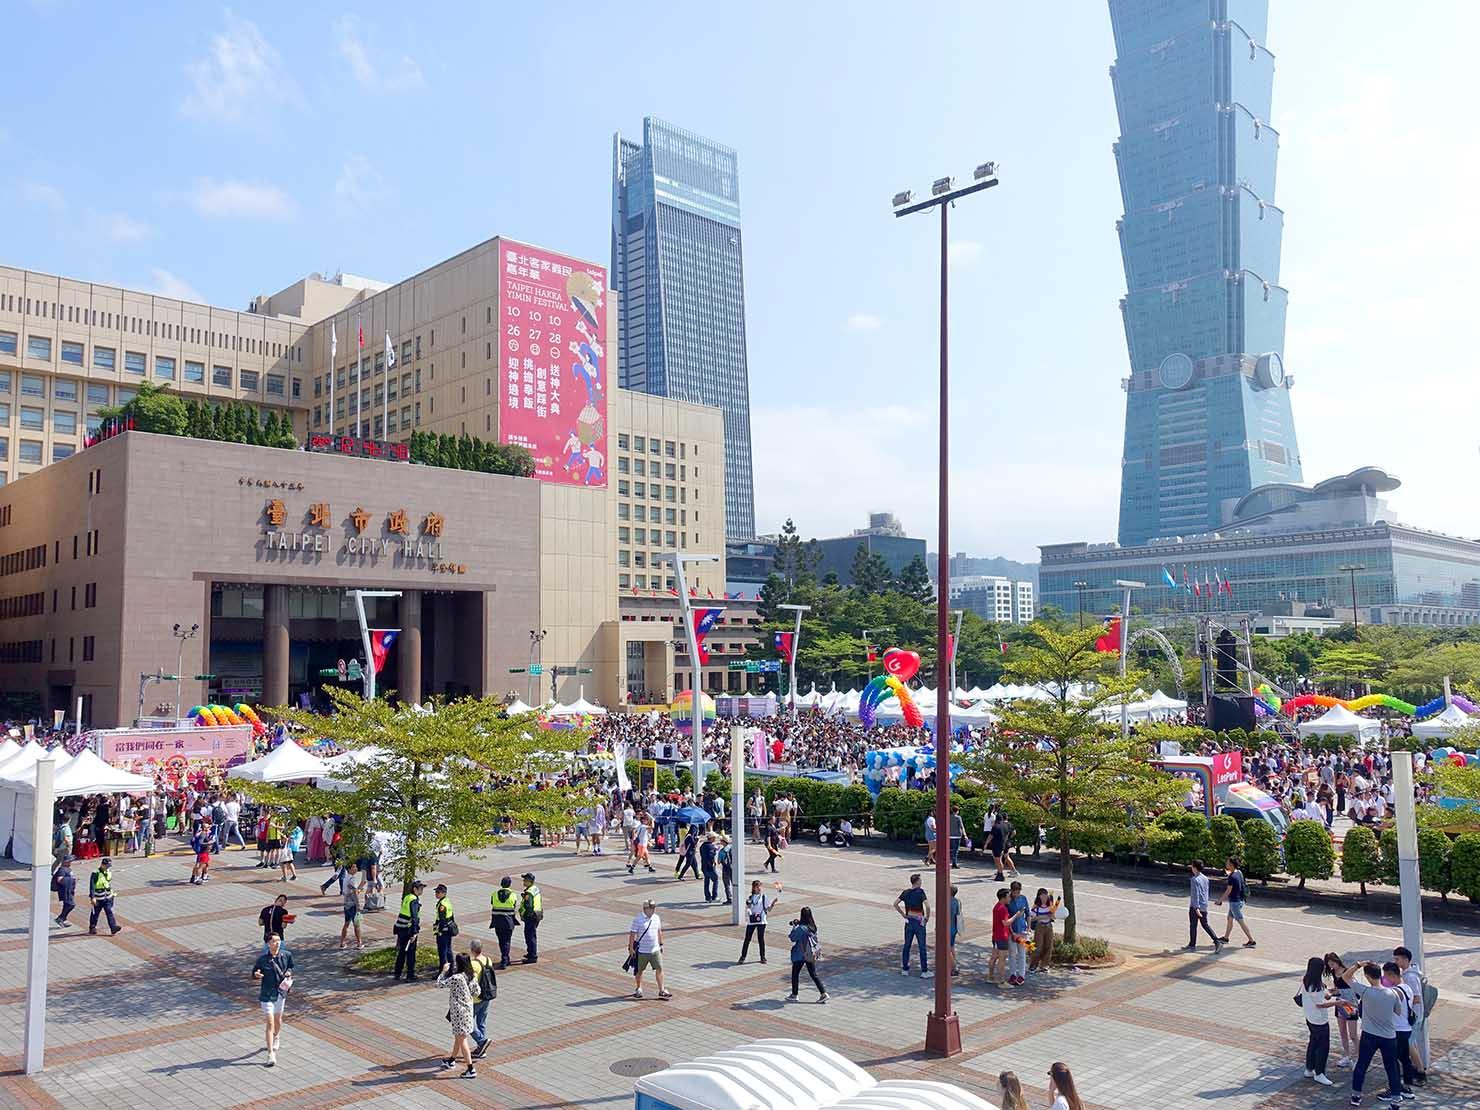 台灣同志遊行(台湾LGBTプライド)2019の会場となった市政府廣場